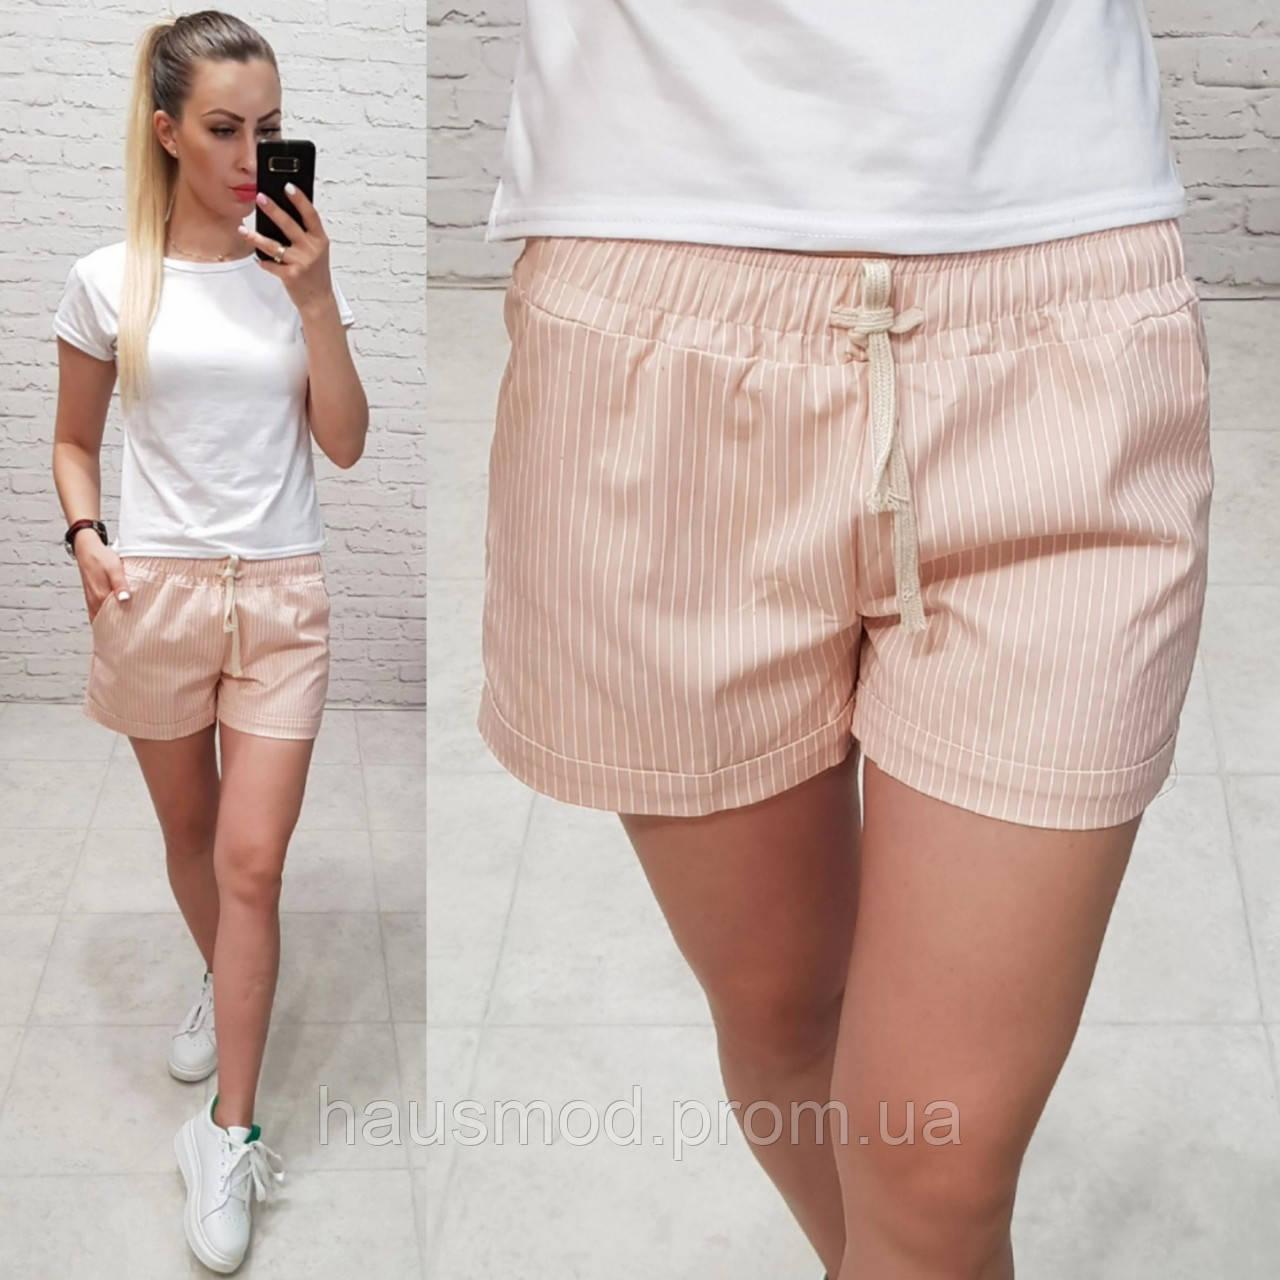 Женские шорты короткие узор полоска ткань катон Турция длина 30 см цвет персиковый